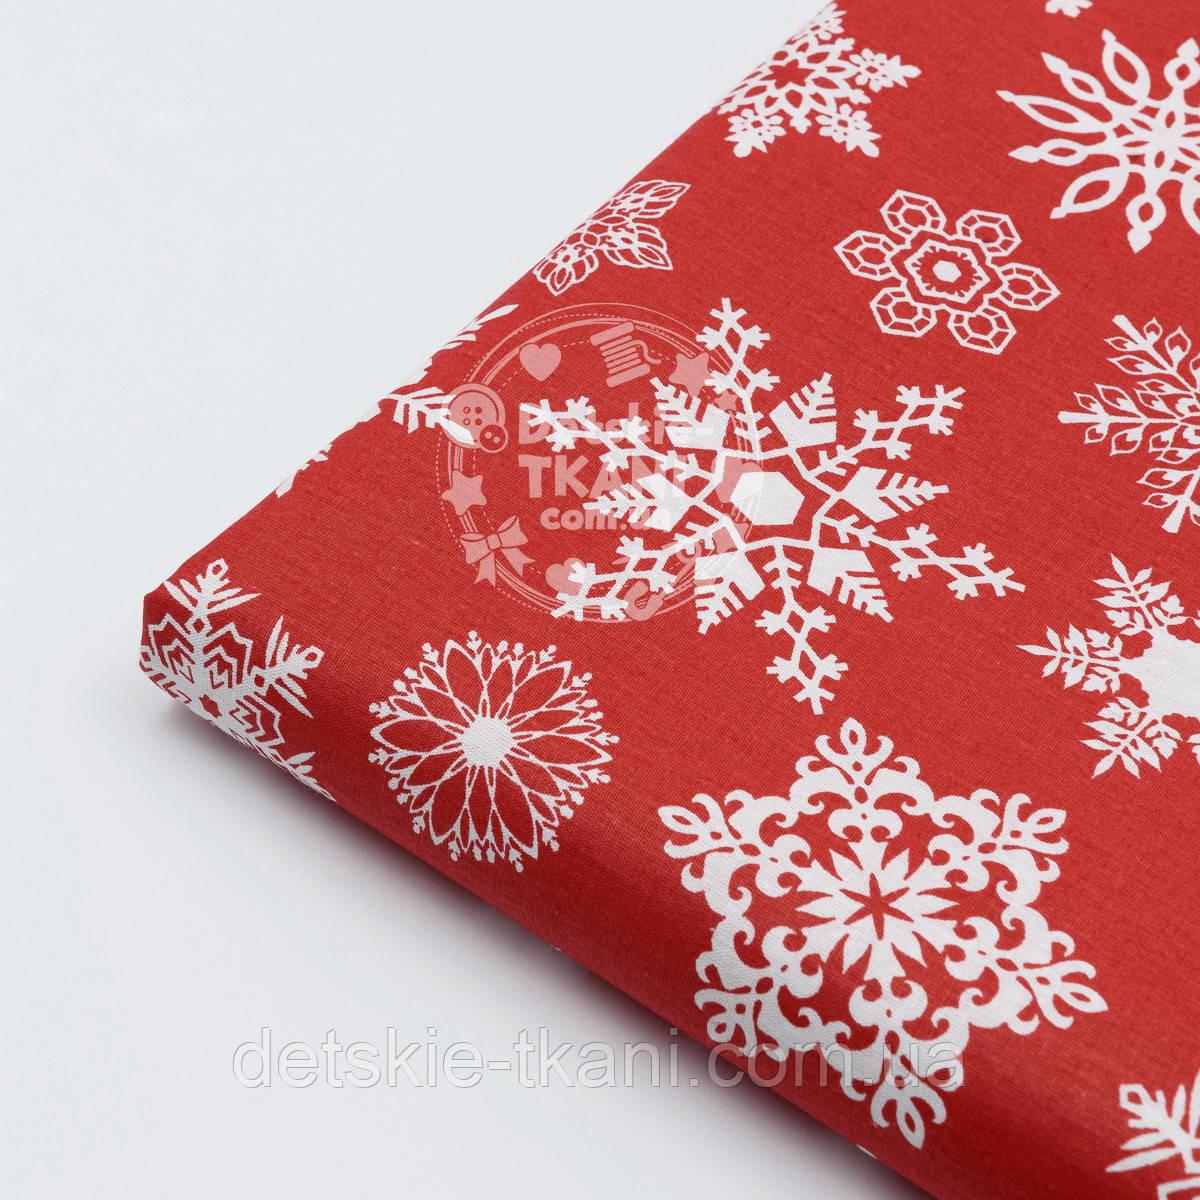 """Отрез поплина с новогодним рисунком шириной 240 см """"Фигурные снежинки"""" белые на красном (№1604), размер 50*240"""